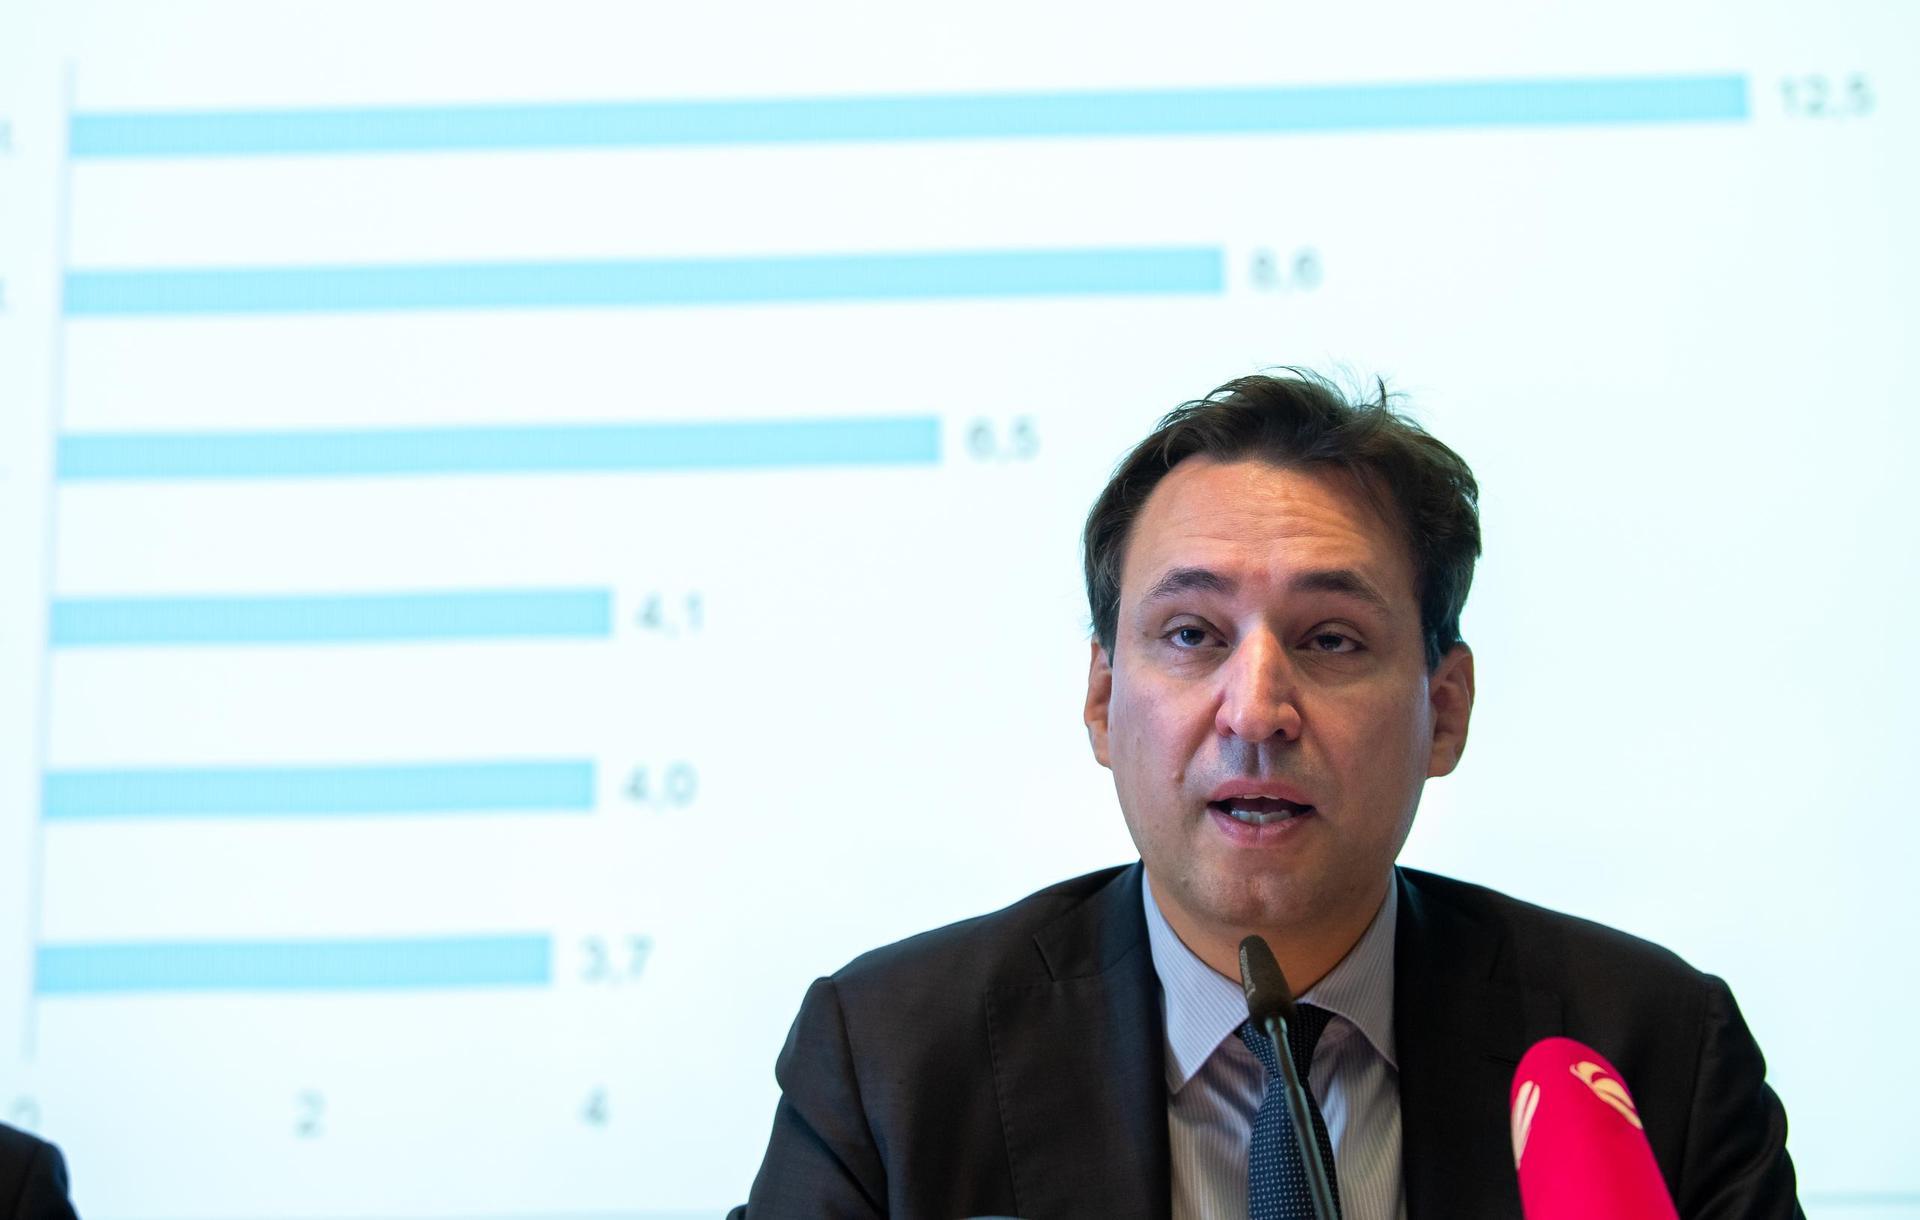 Bayern fordert Regeln für Online-Inkassodienste Verbraucher und Unternehmen brauchen Rechtssicherheit